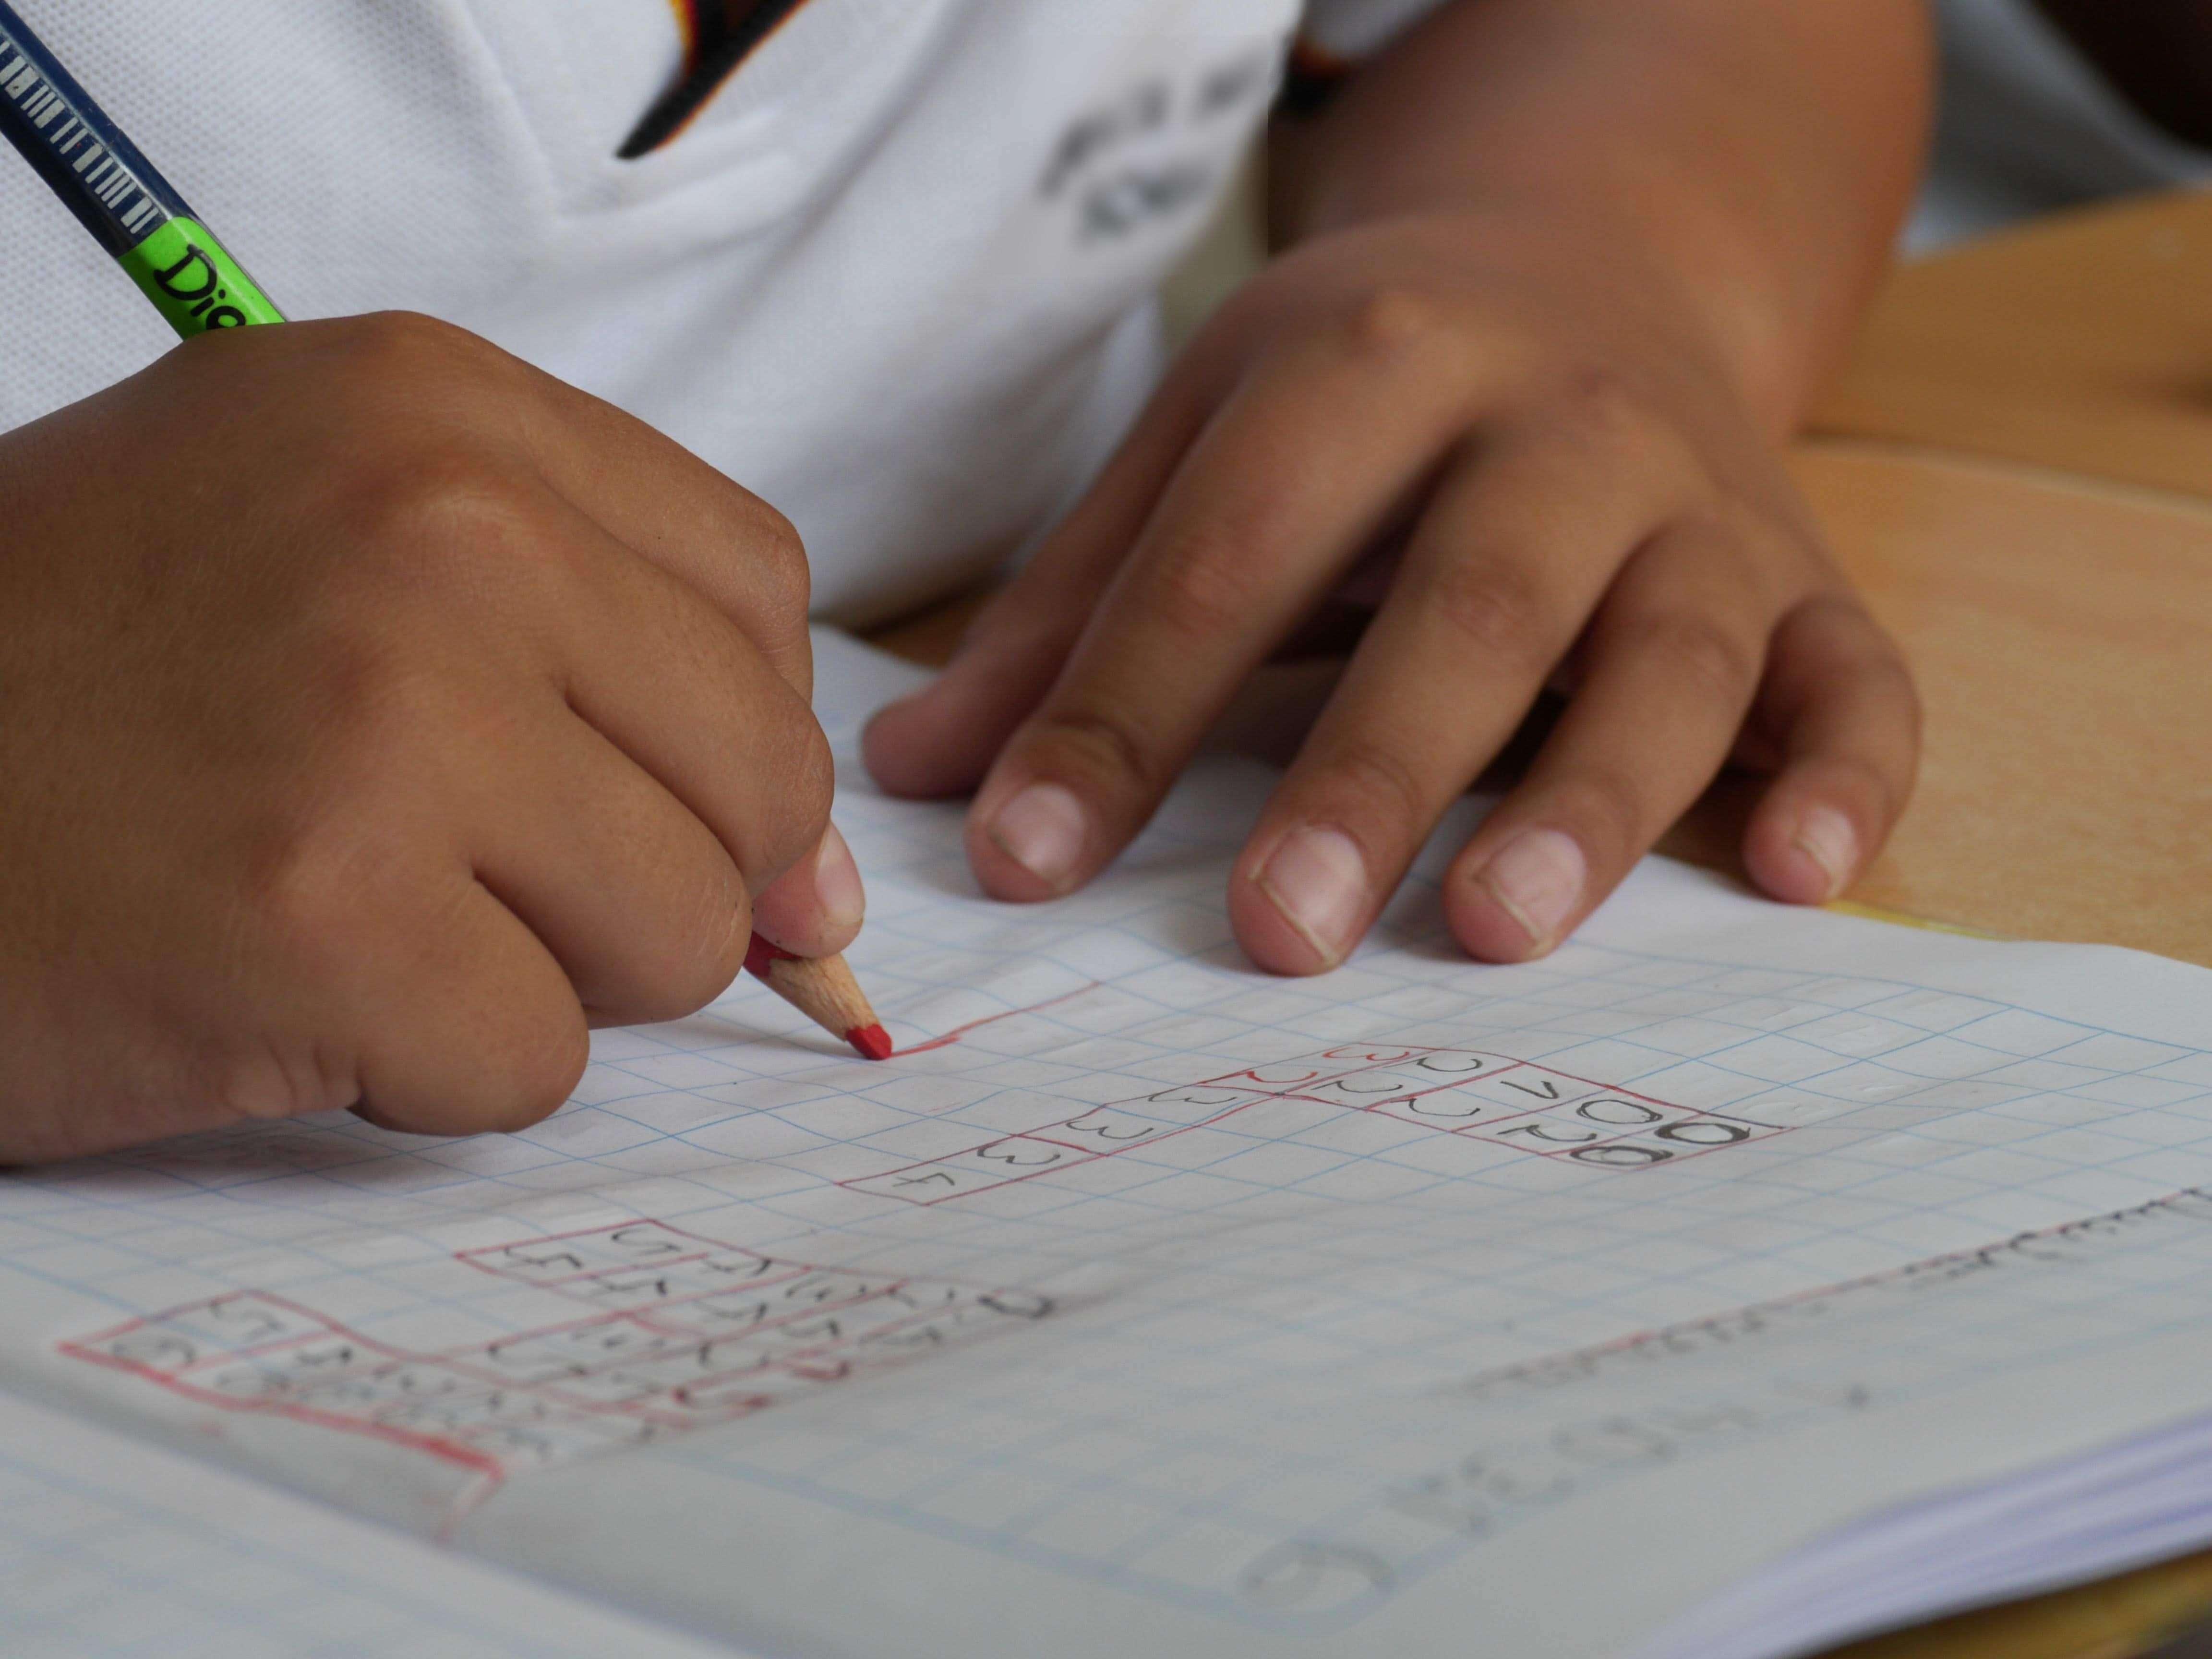 Datafolha: 40% dos alunos correm risco de abandonar a escola